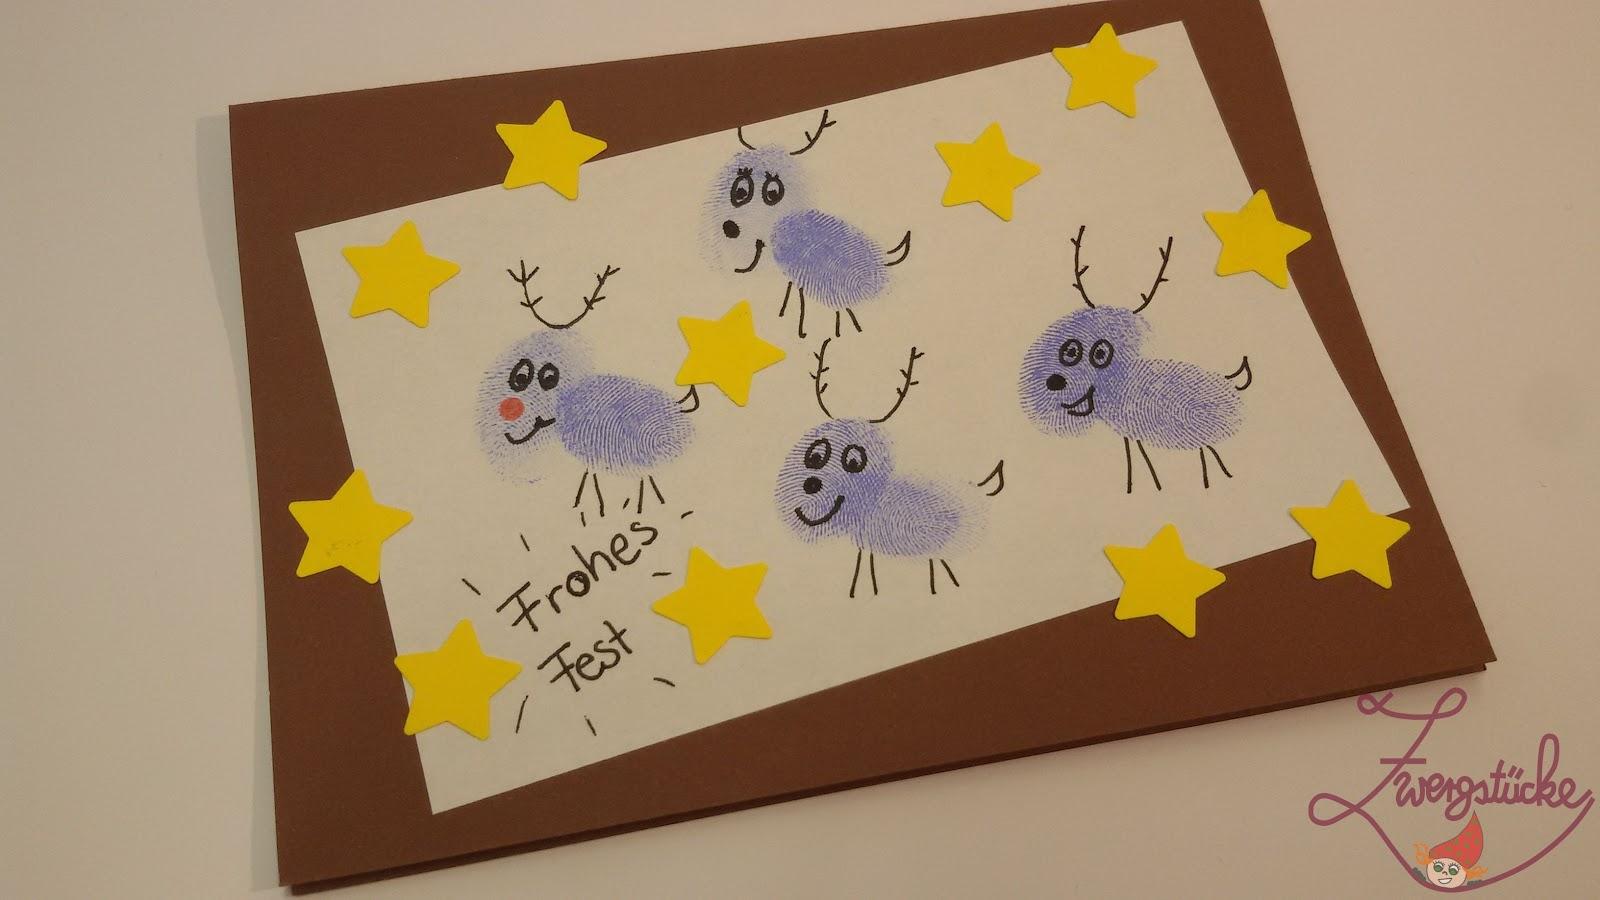 Zwergst cke basteln weihnachtskarten mit kindern gestalten for Weihnachtskarten mit kindern basteln